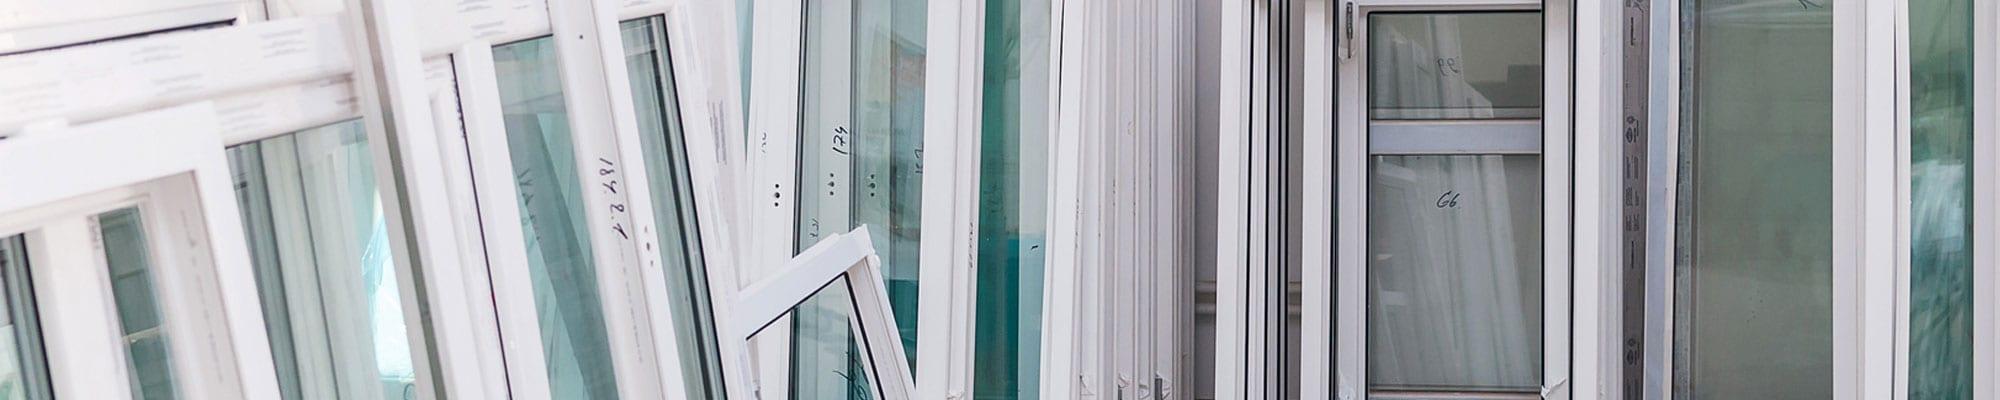 Retos a los que se enfrenta la industria de ventanas y puertas